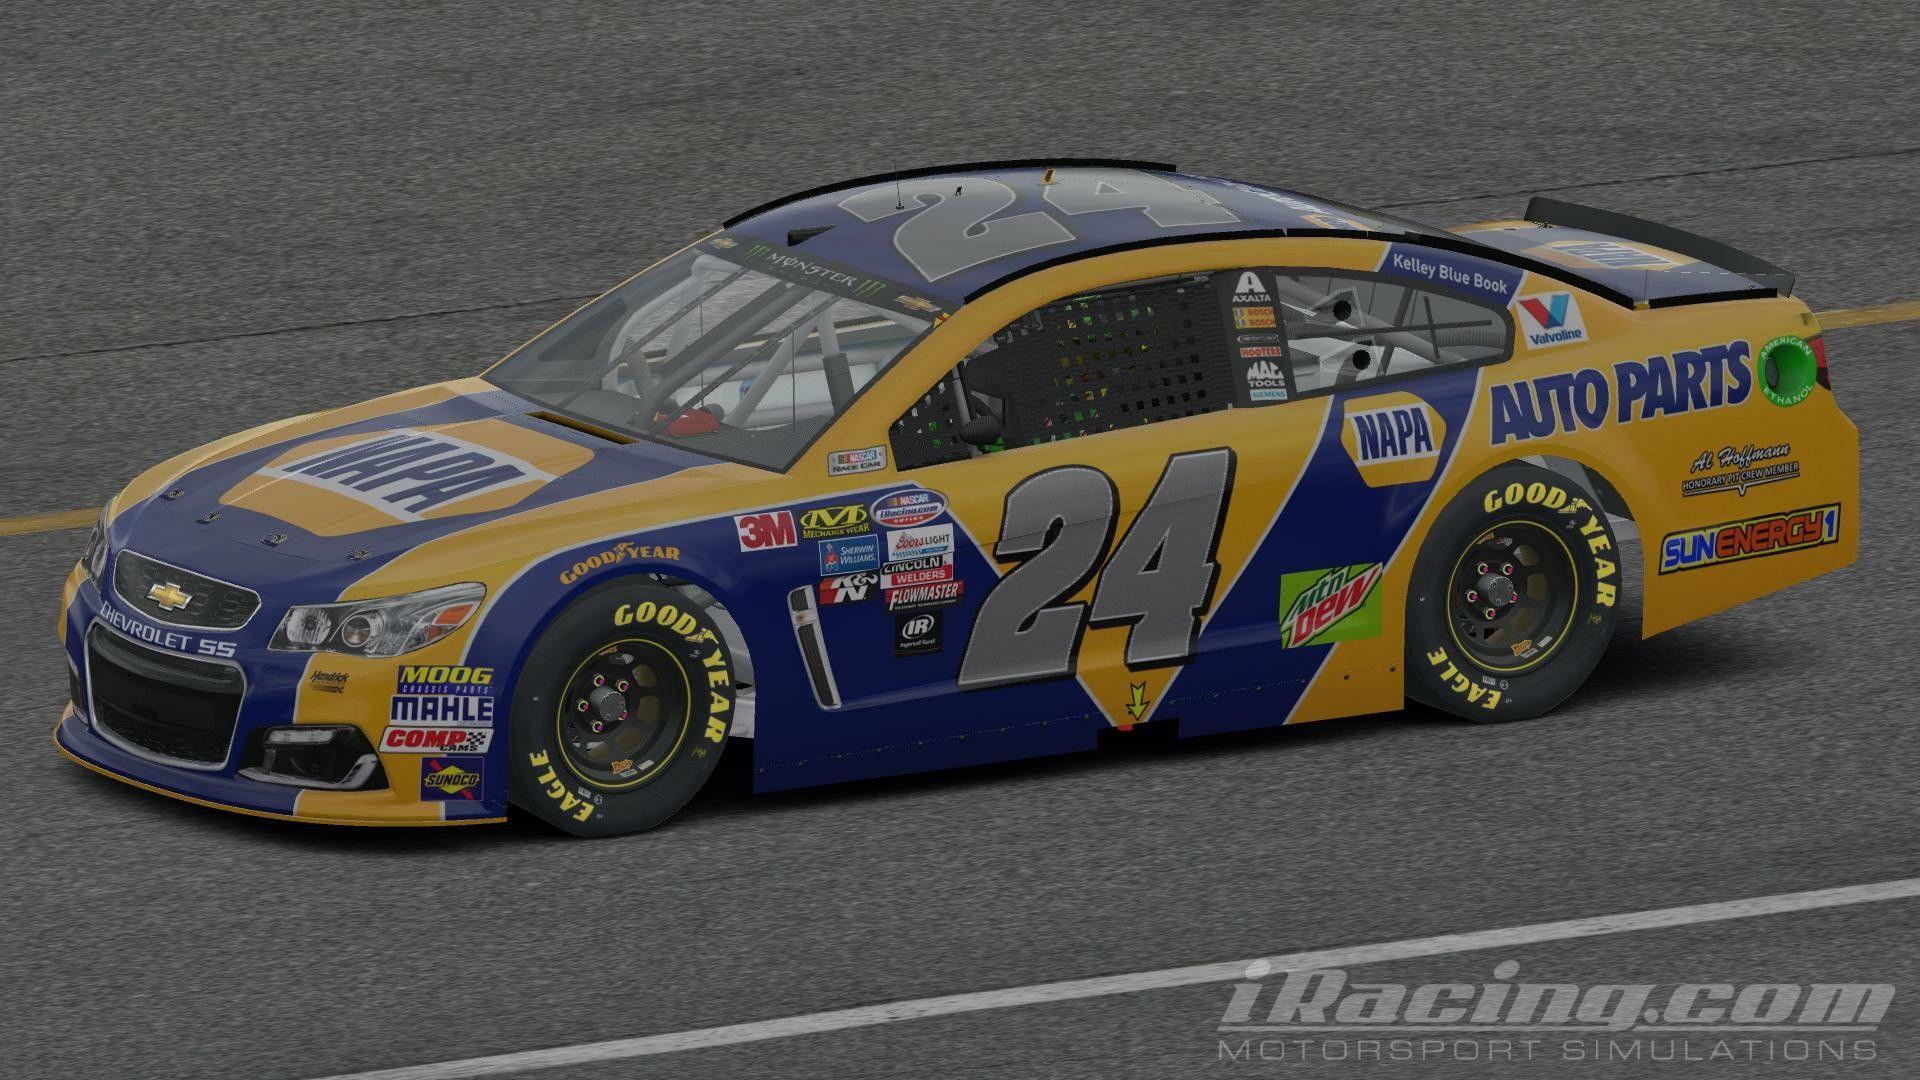 Pin by Edgar Muñoz on NASCAR Nascar race cars, Nascar